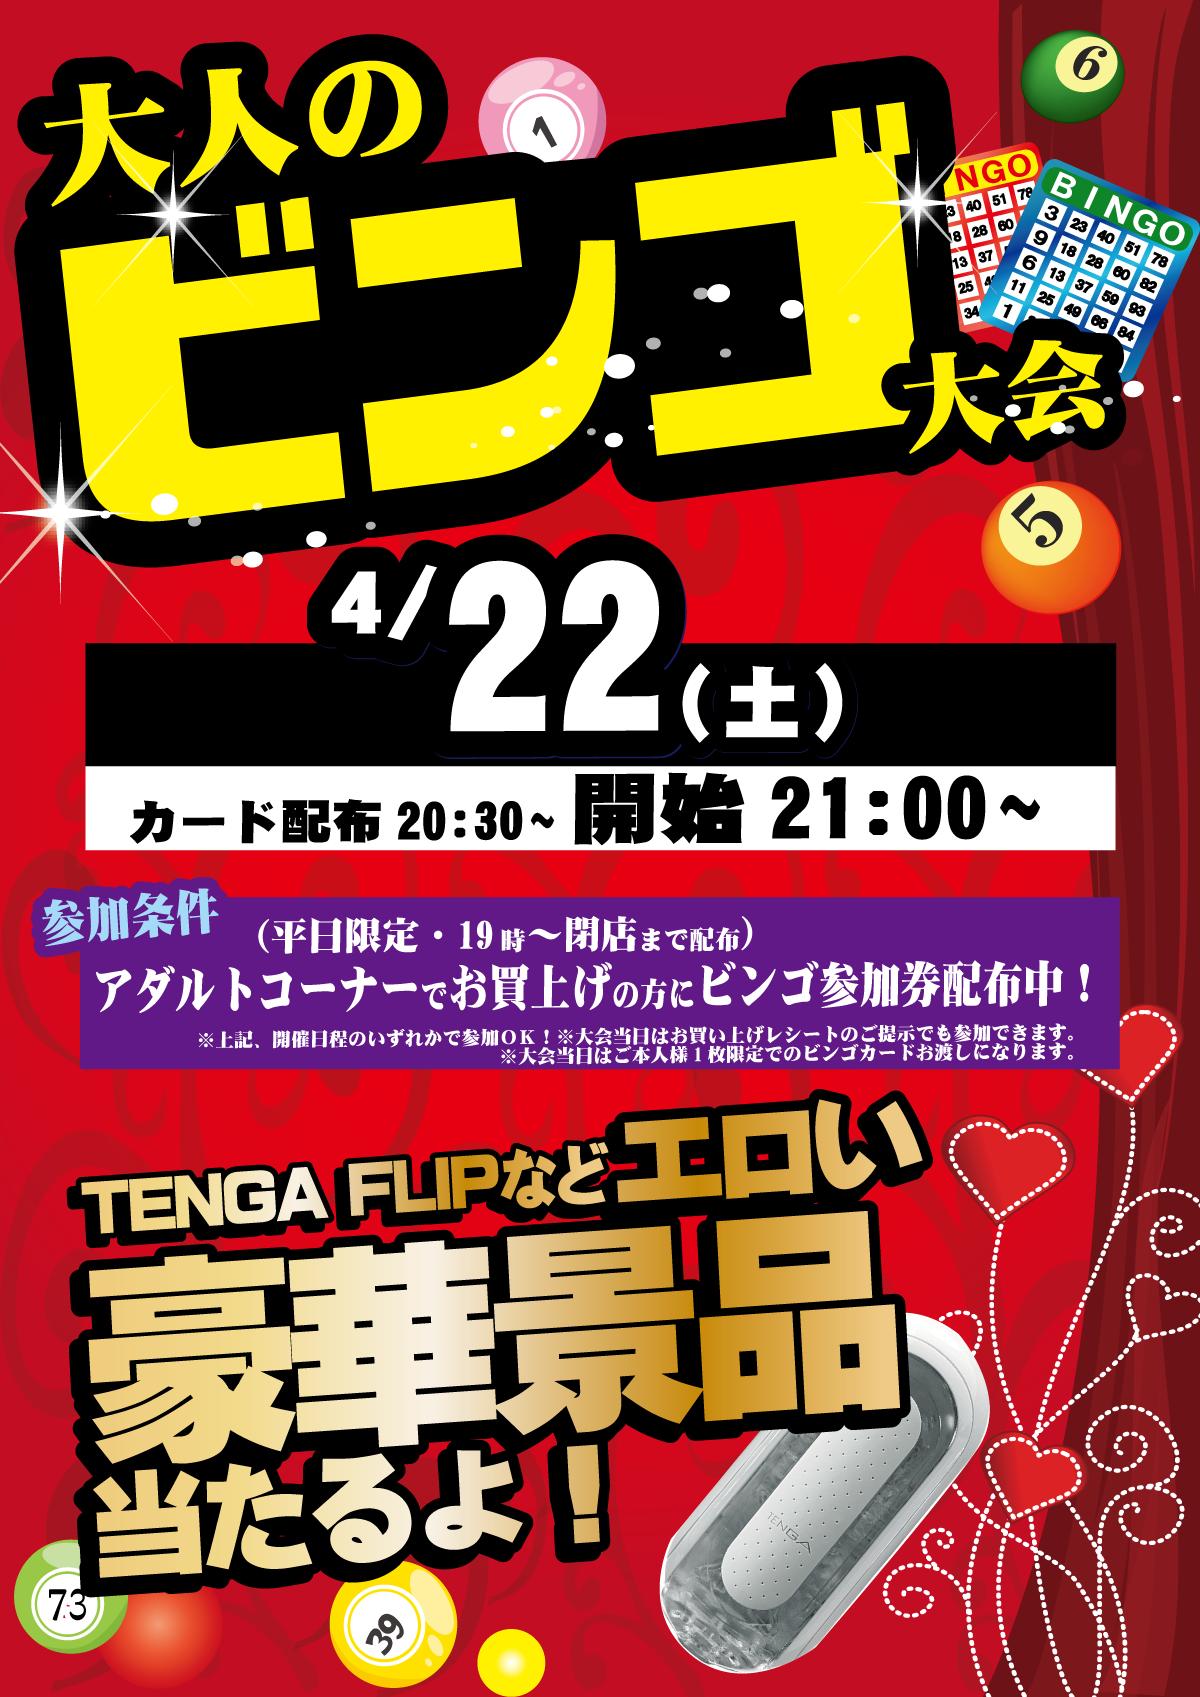 「開放倉庫山城店」2017年4月22日(土)は【R18】大人のビンゴ大会!